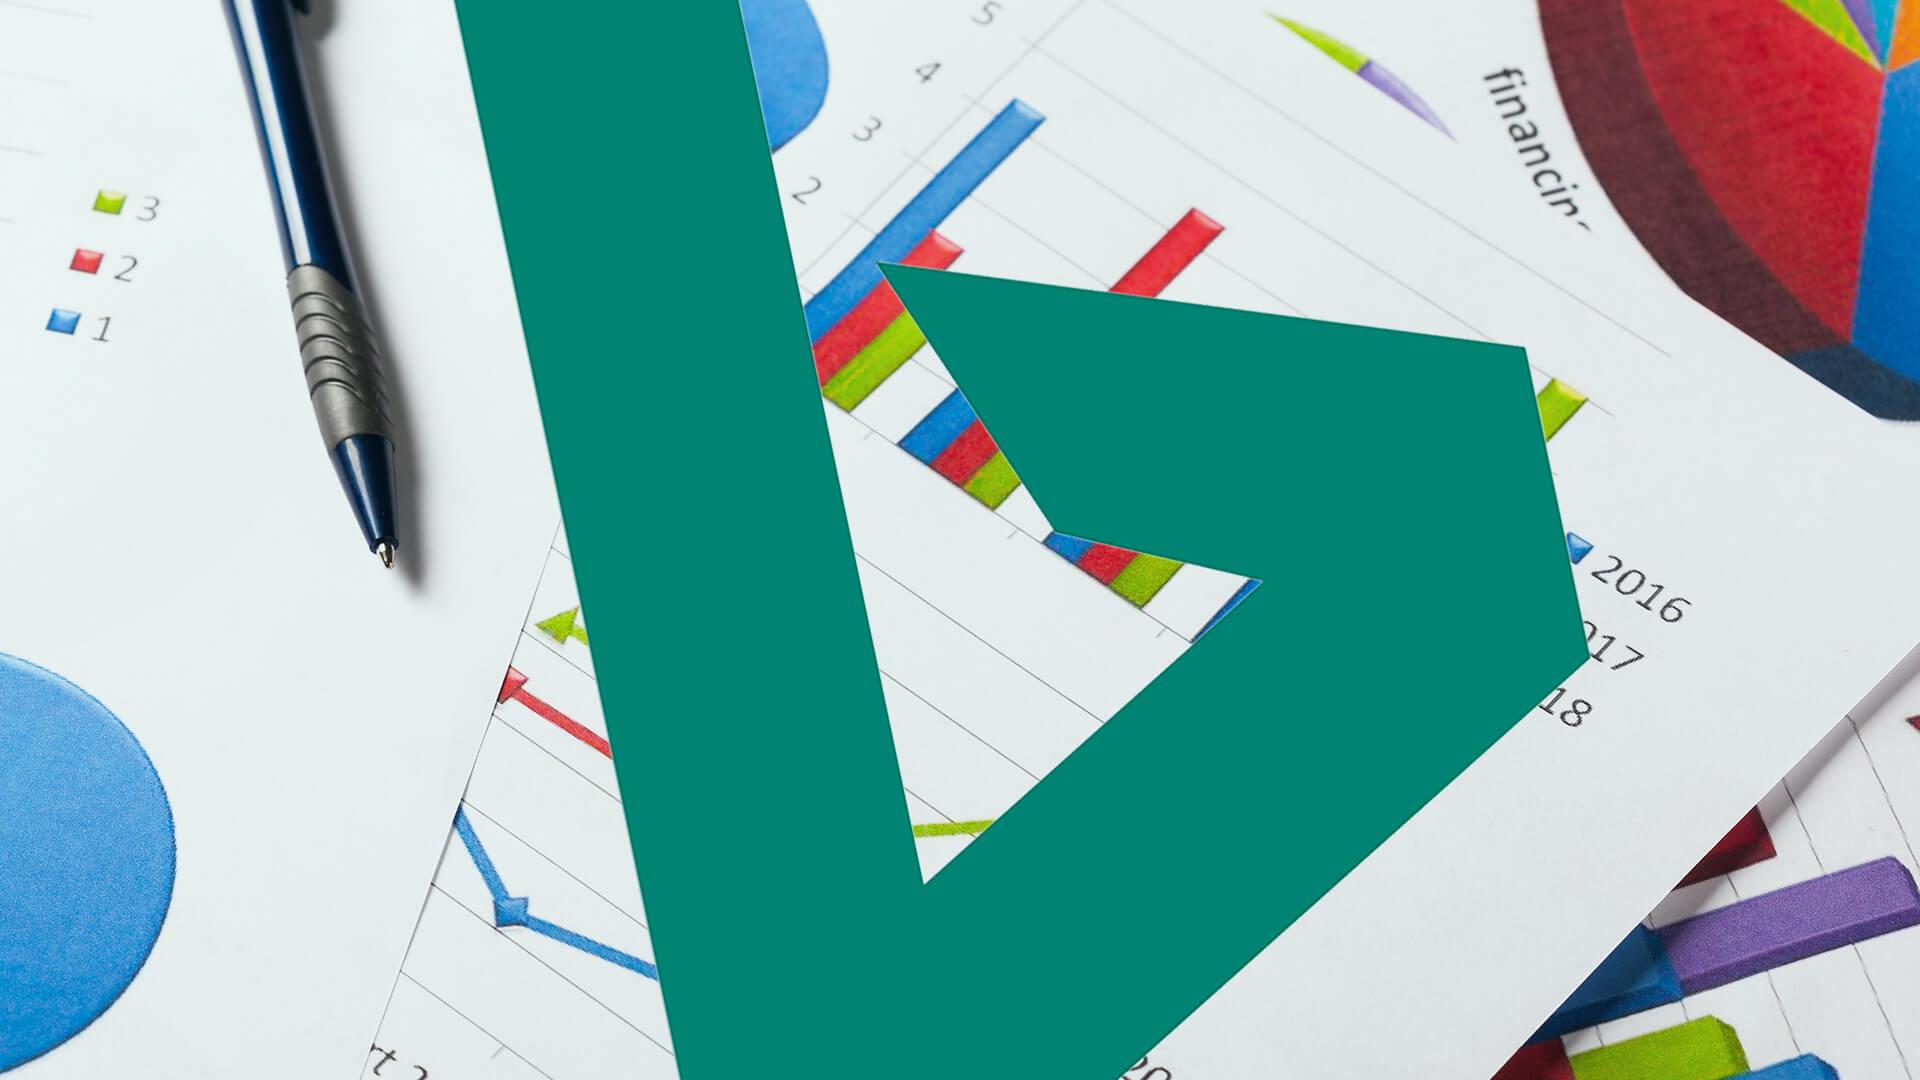 La pestaña Competición de Bing Ads ofrece nuevos conocimientos y recomendaciones